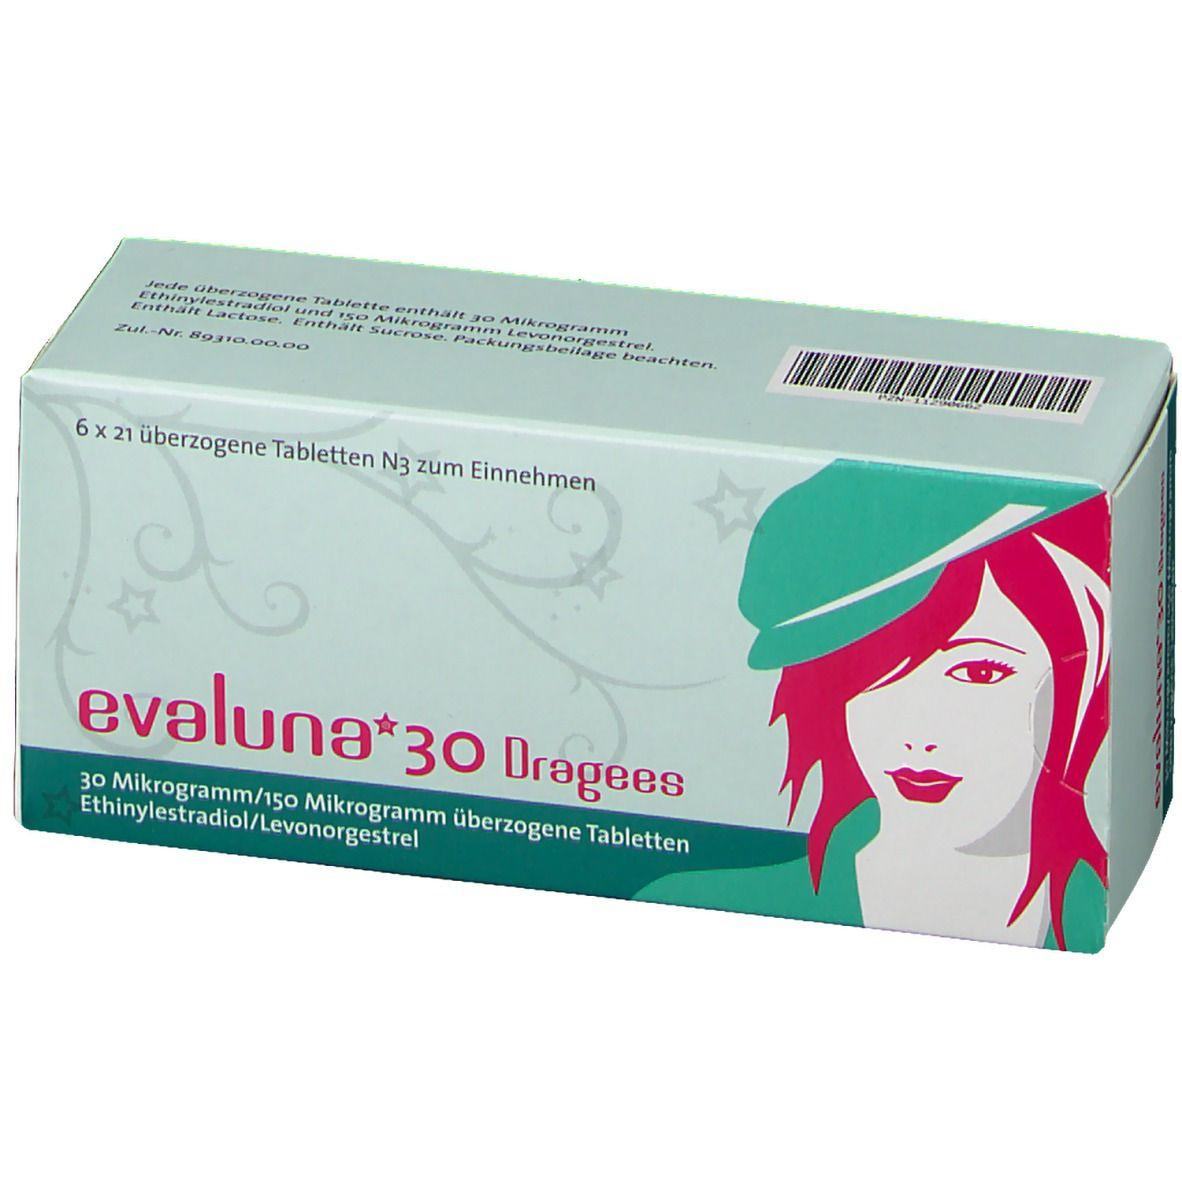 Evaluna 30 nebenwirkungen